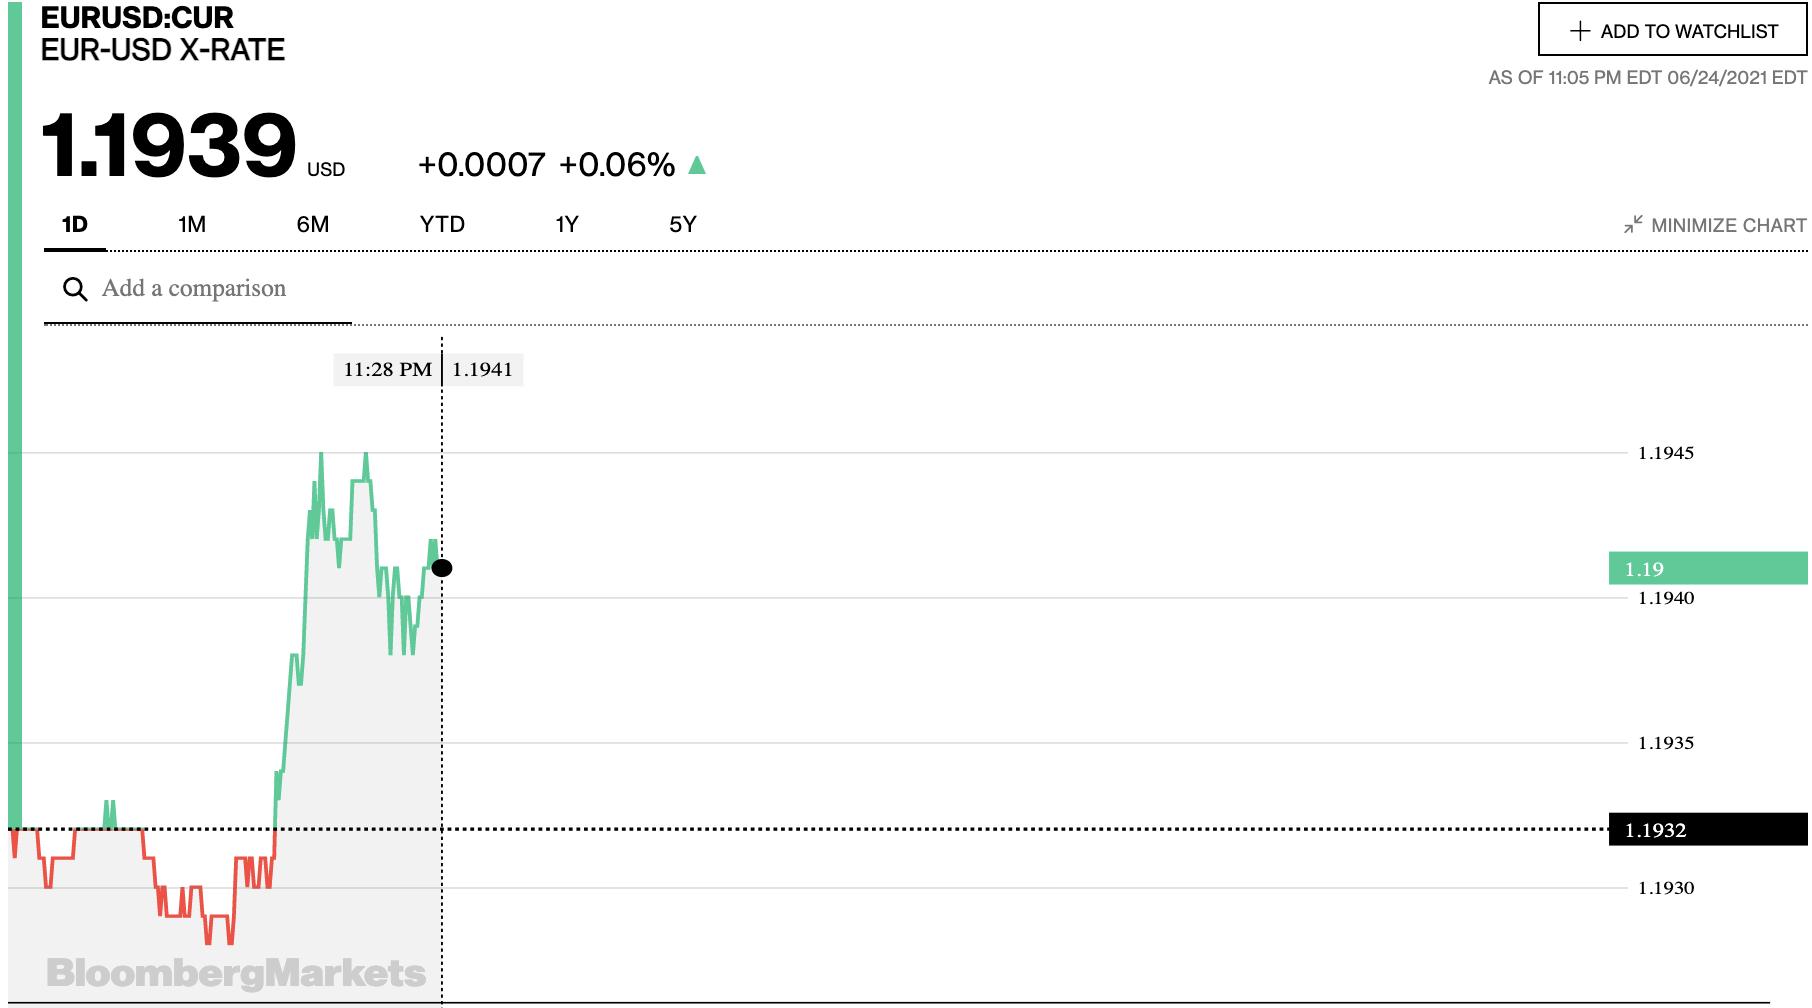 Tỷ giá euro hôm nay 25/6: Xu hướng tăng chiếm đa số ngân hàng - Ảnh 2.